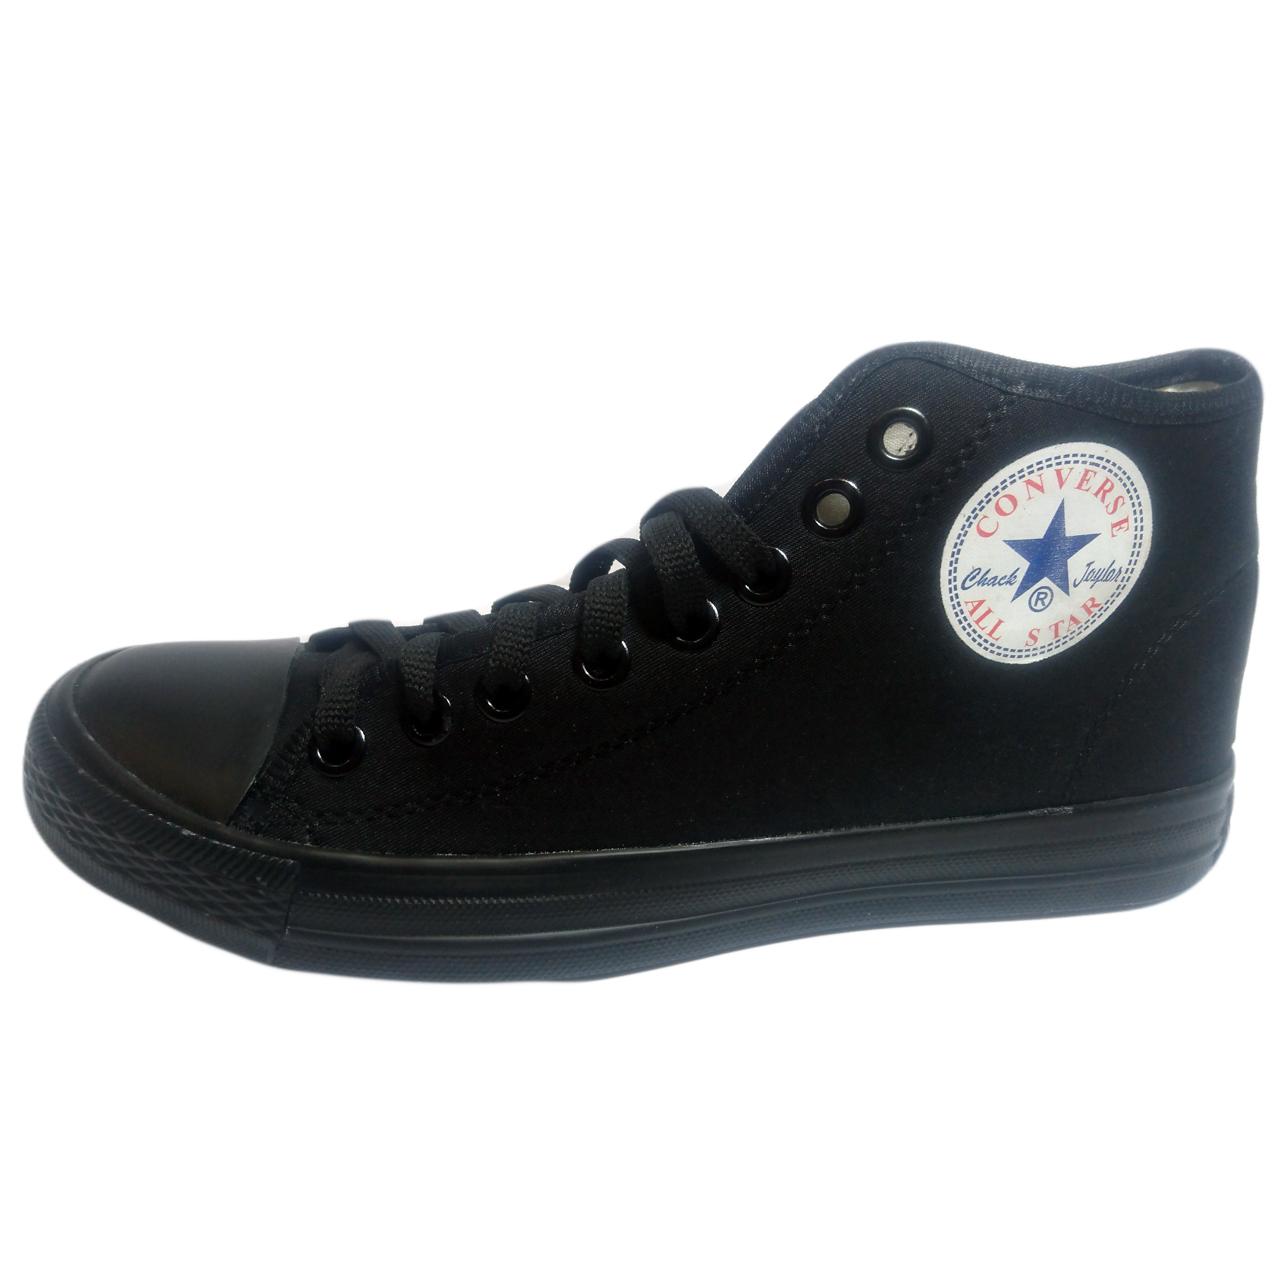 قیمت کفش مردانه کانورس مدل 5 all star chuck taylor